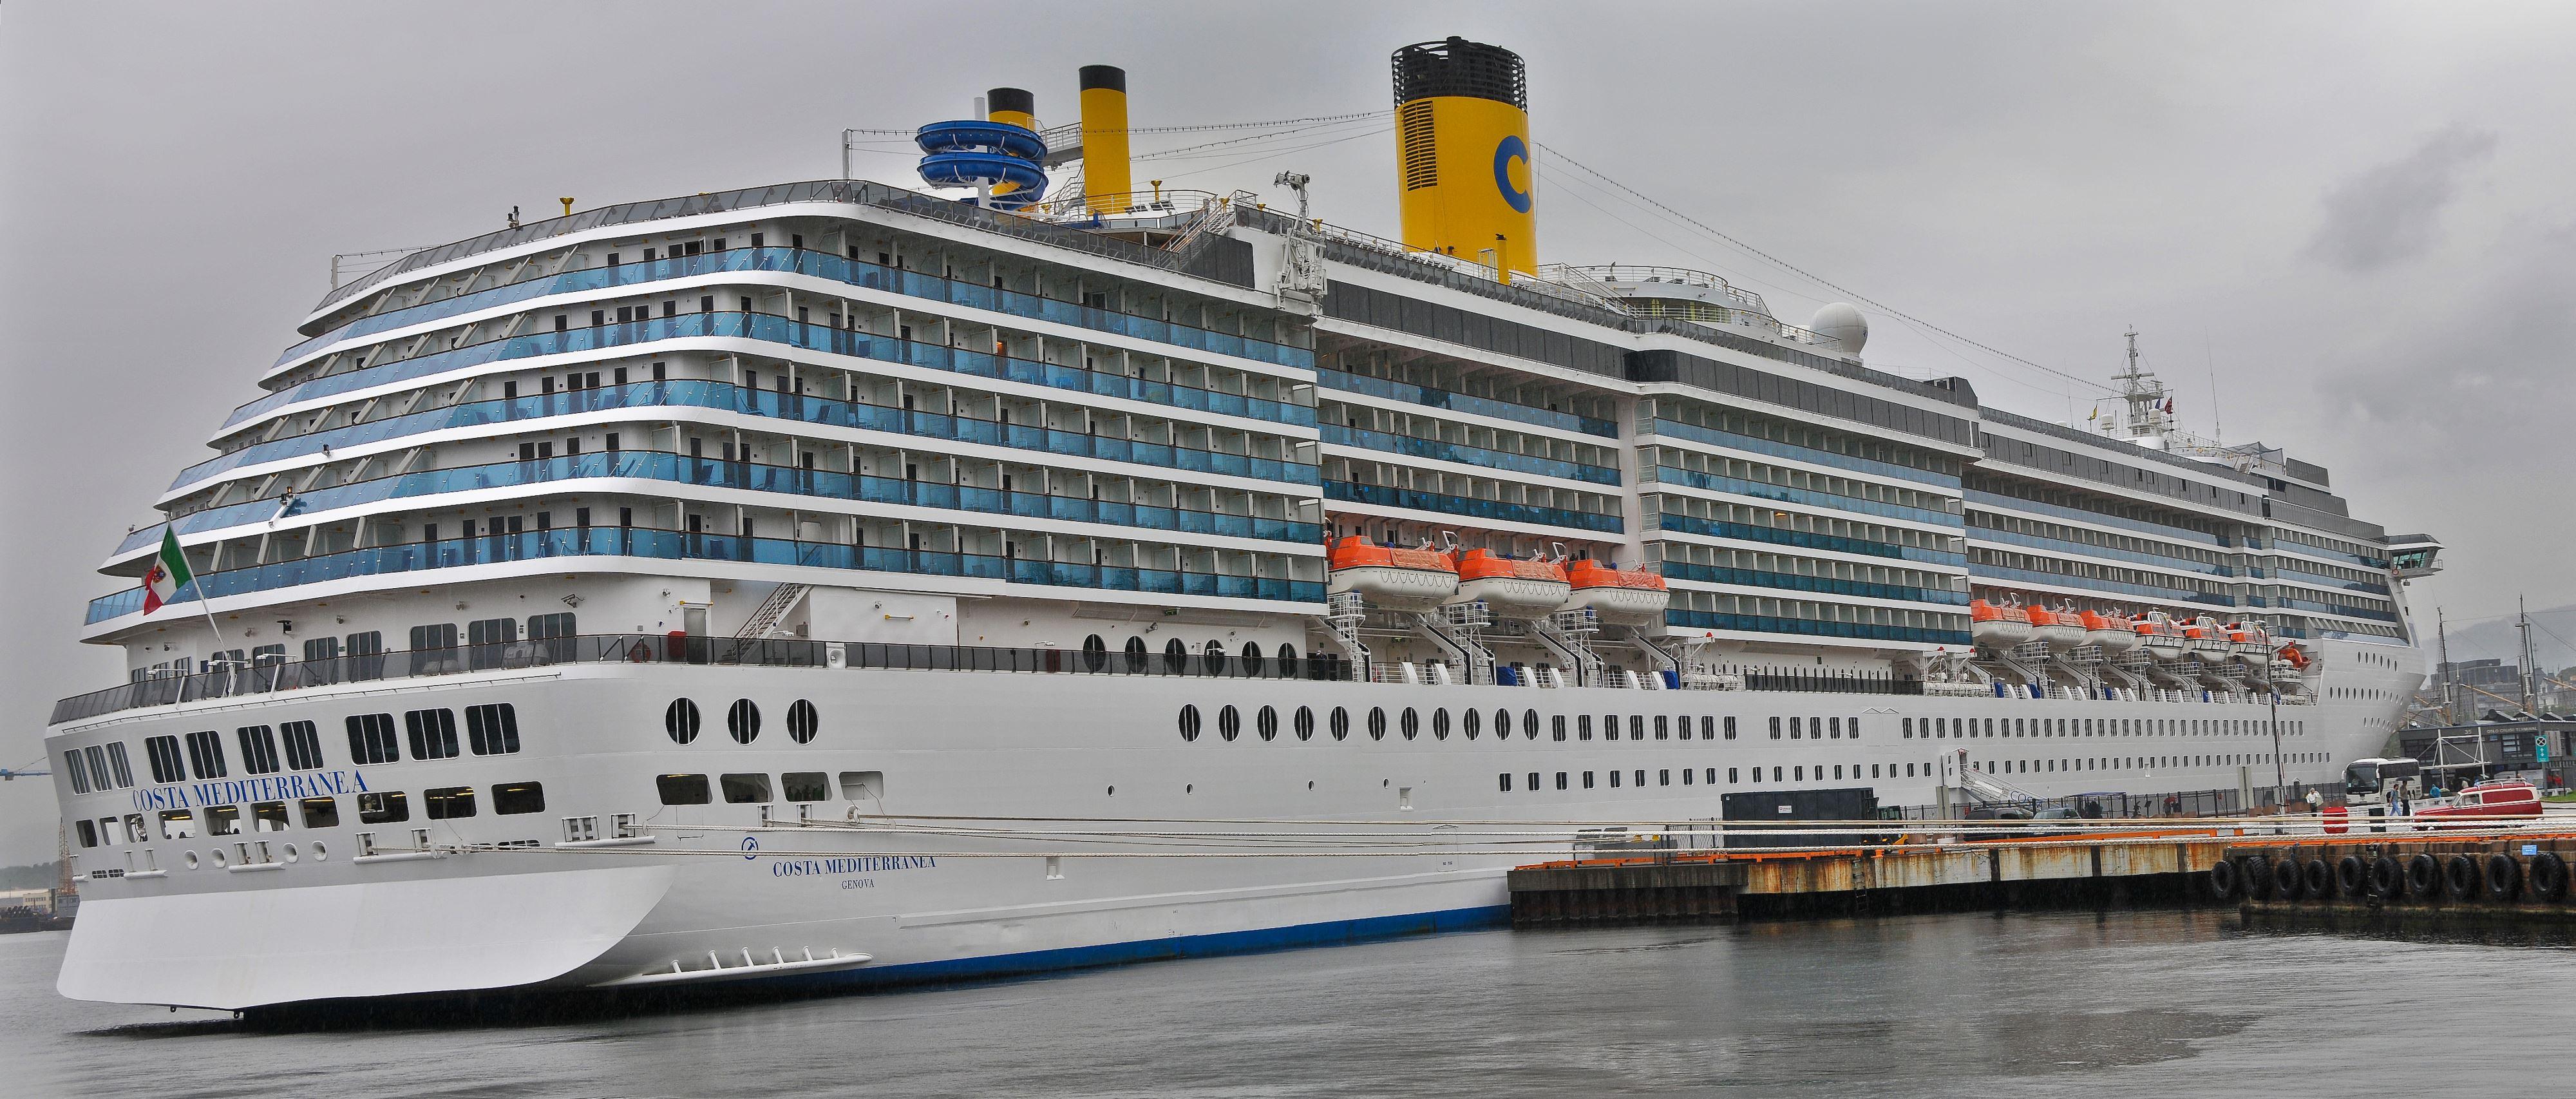 Kreuzfahrtschiffe Die Costa Mediterranea